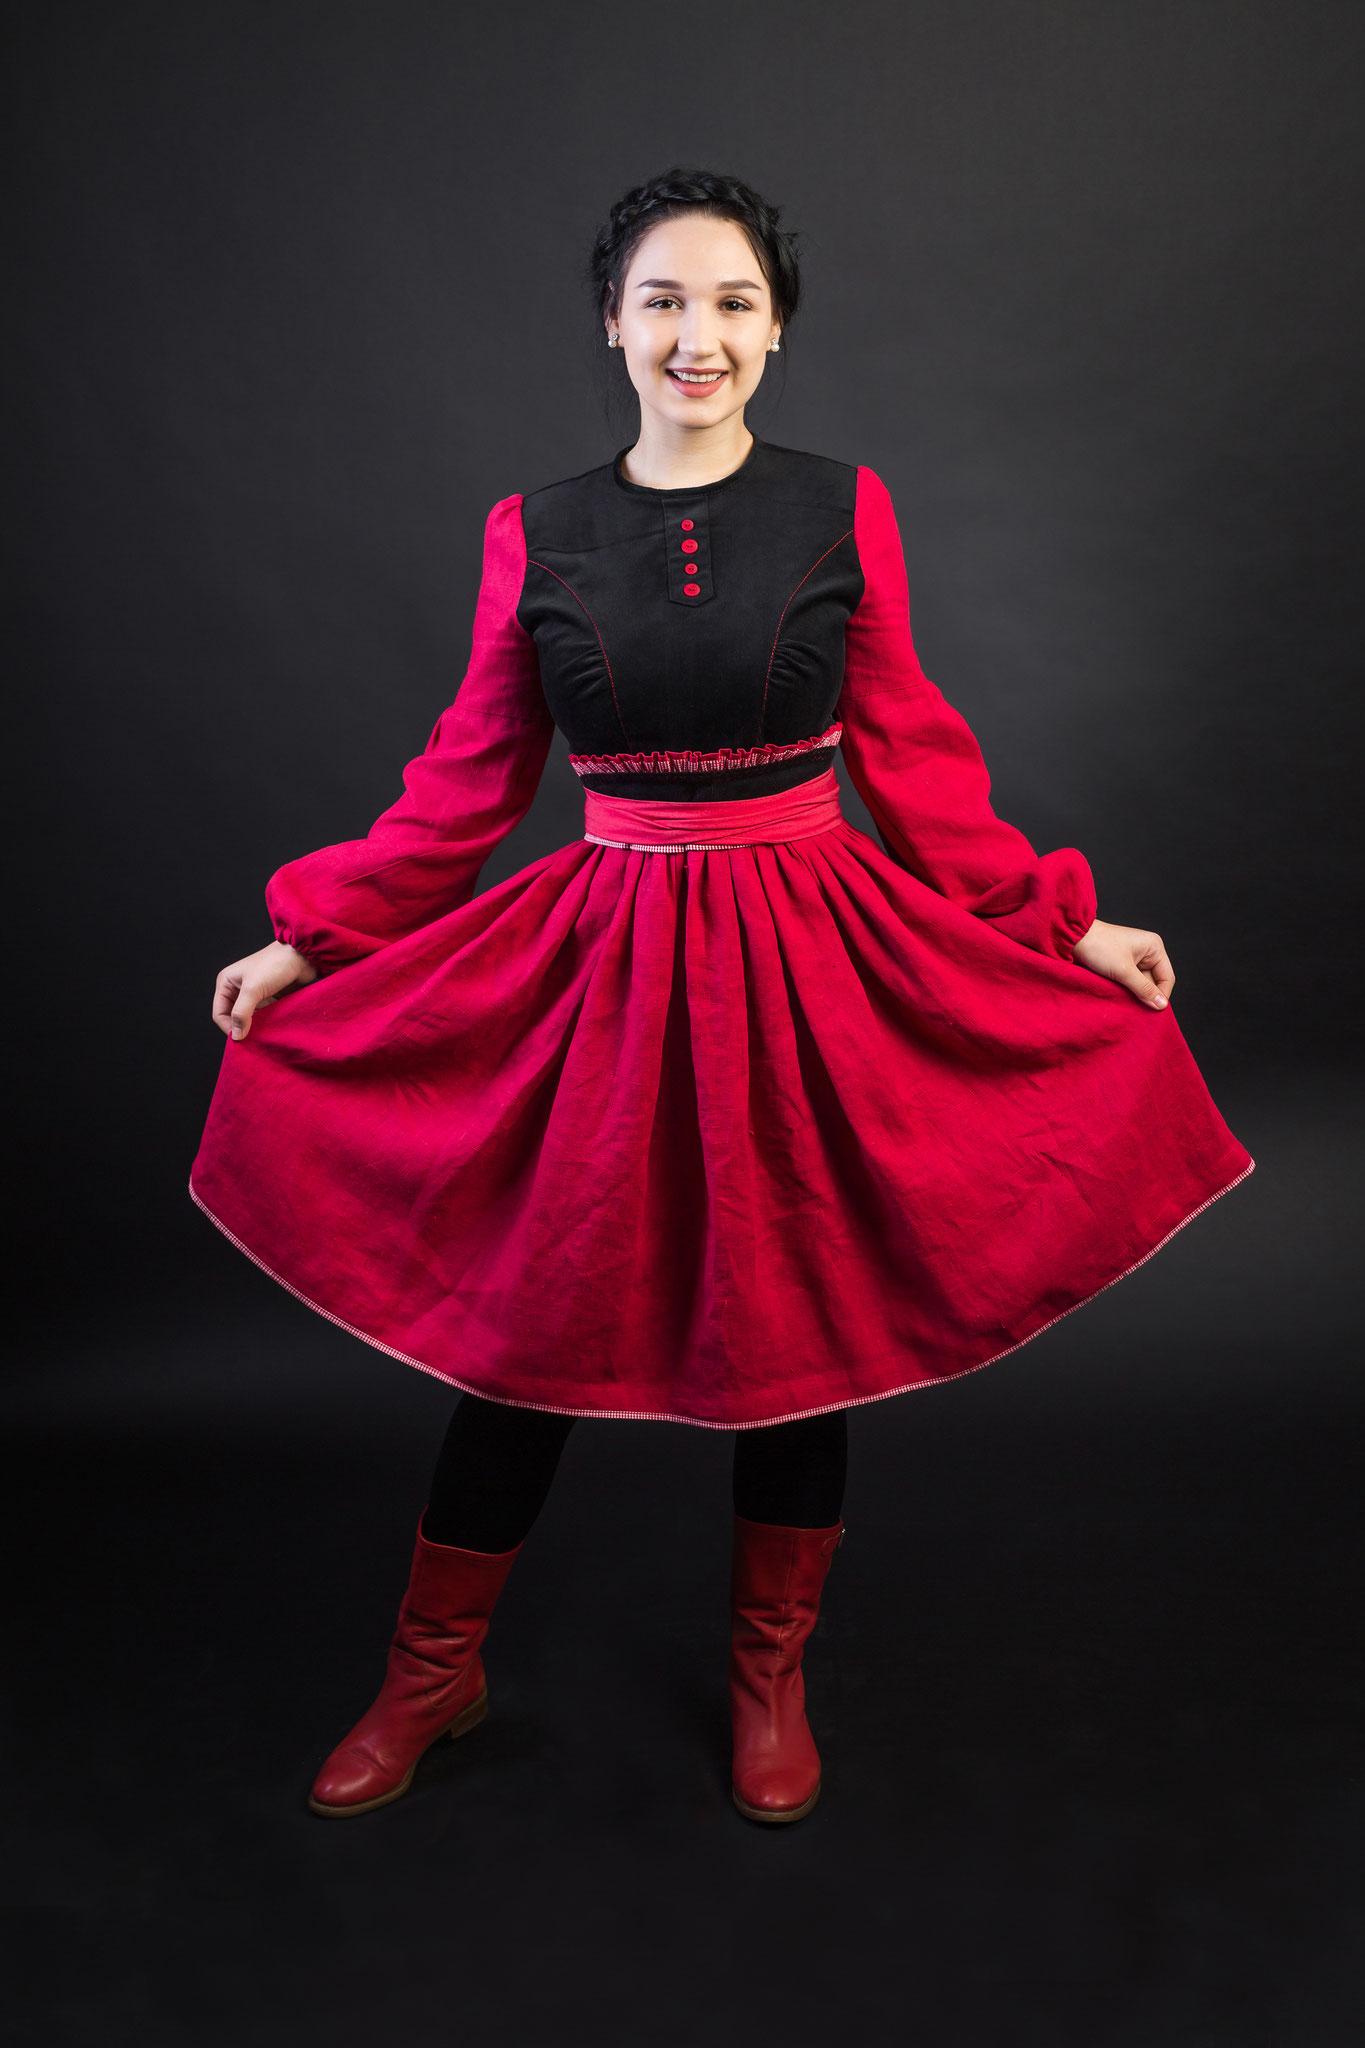 платье в русском стиле, русская одежда, русская мода, русский стиль